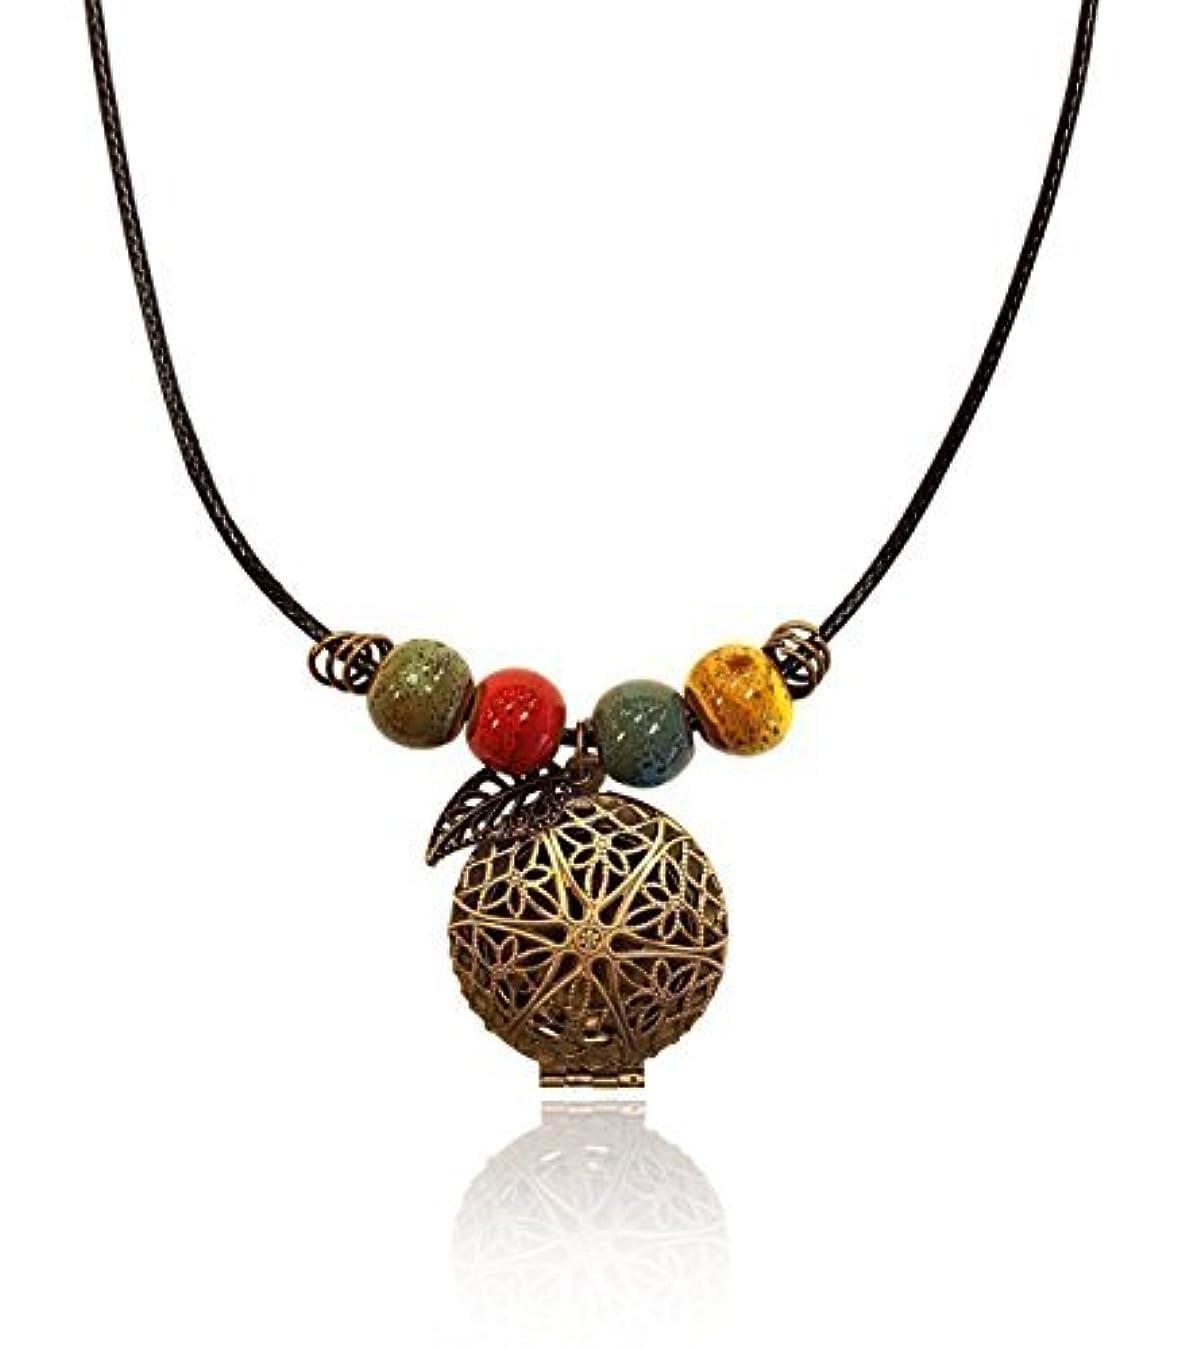 蚊腰バタフライBrass-tone BOHO Colorful Bohemian Beaded Gypsy Essential Oil Diffuser Jewelry Aromatherapy Locket Pendant includes...